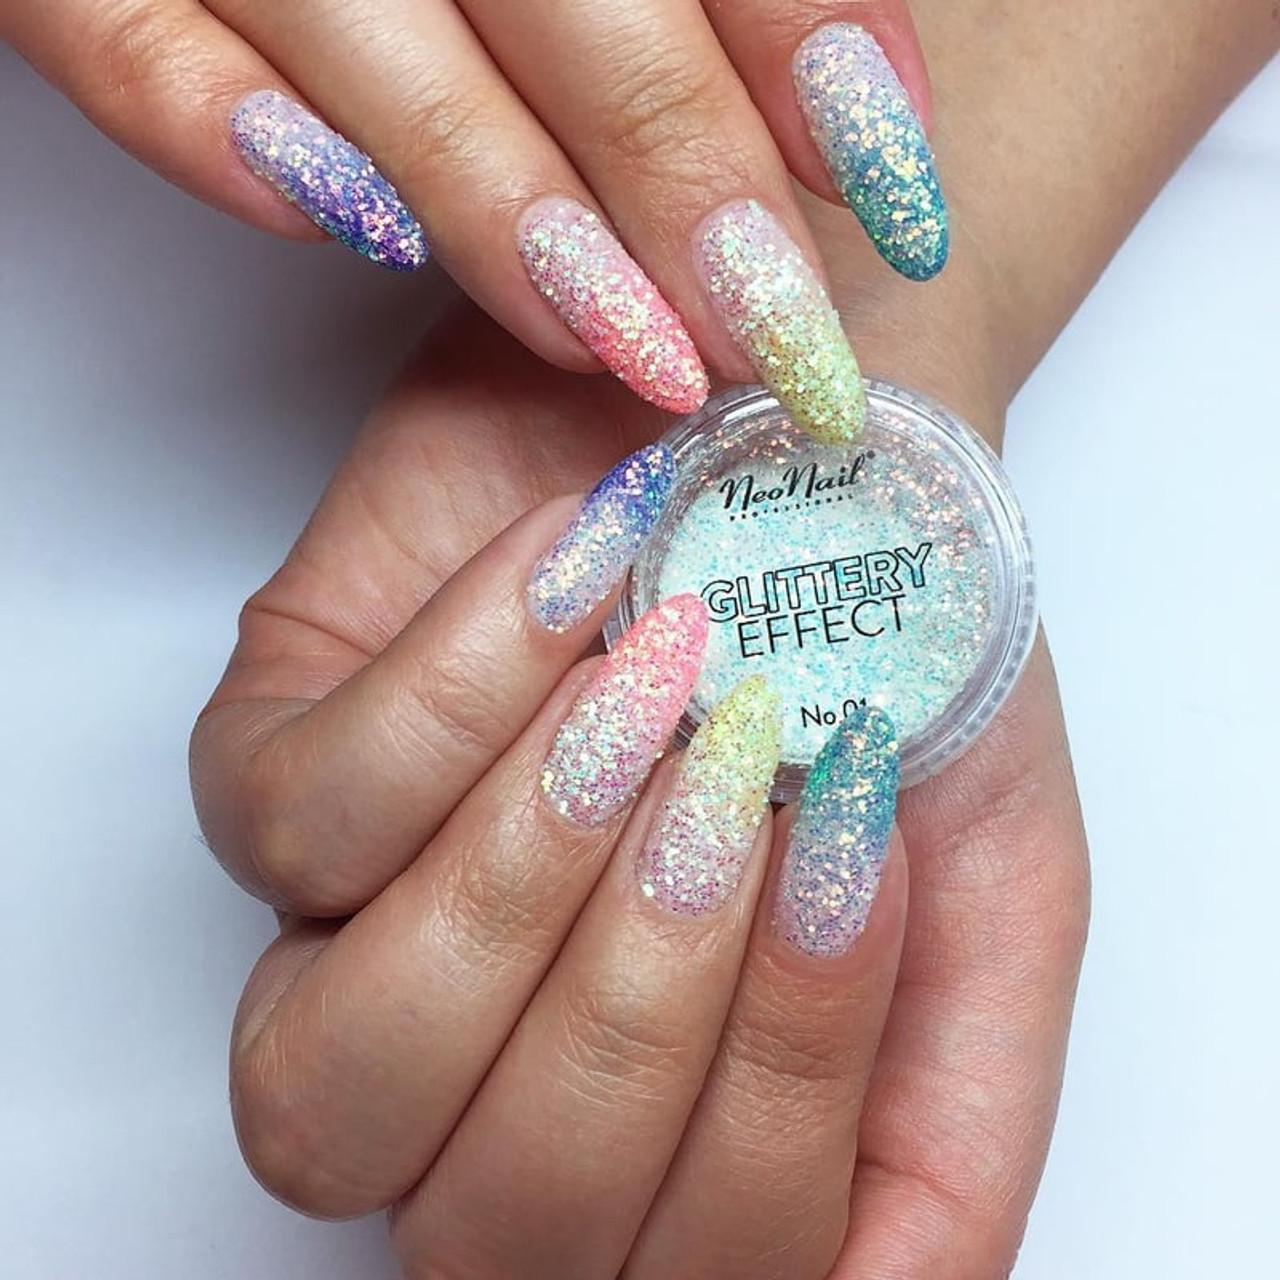 Glittery Powder Effect